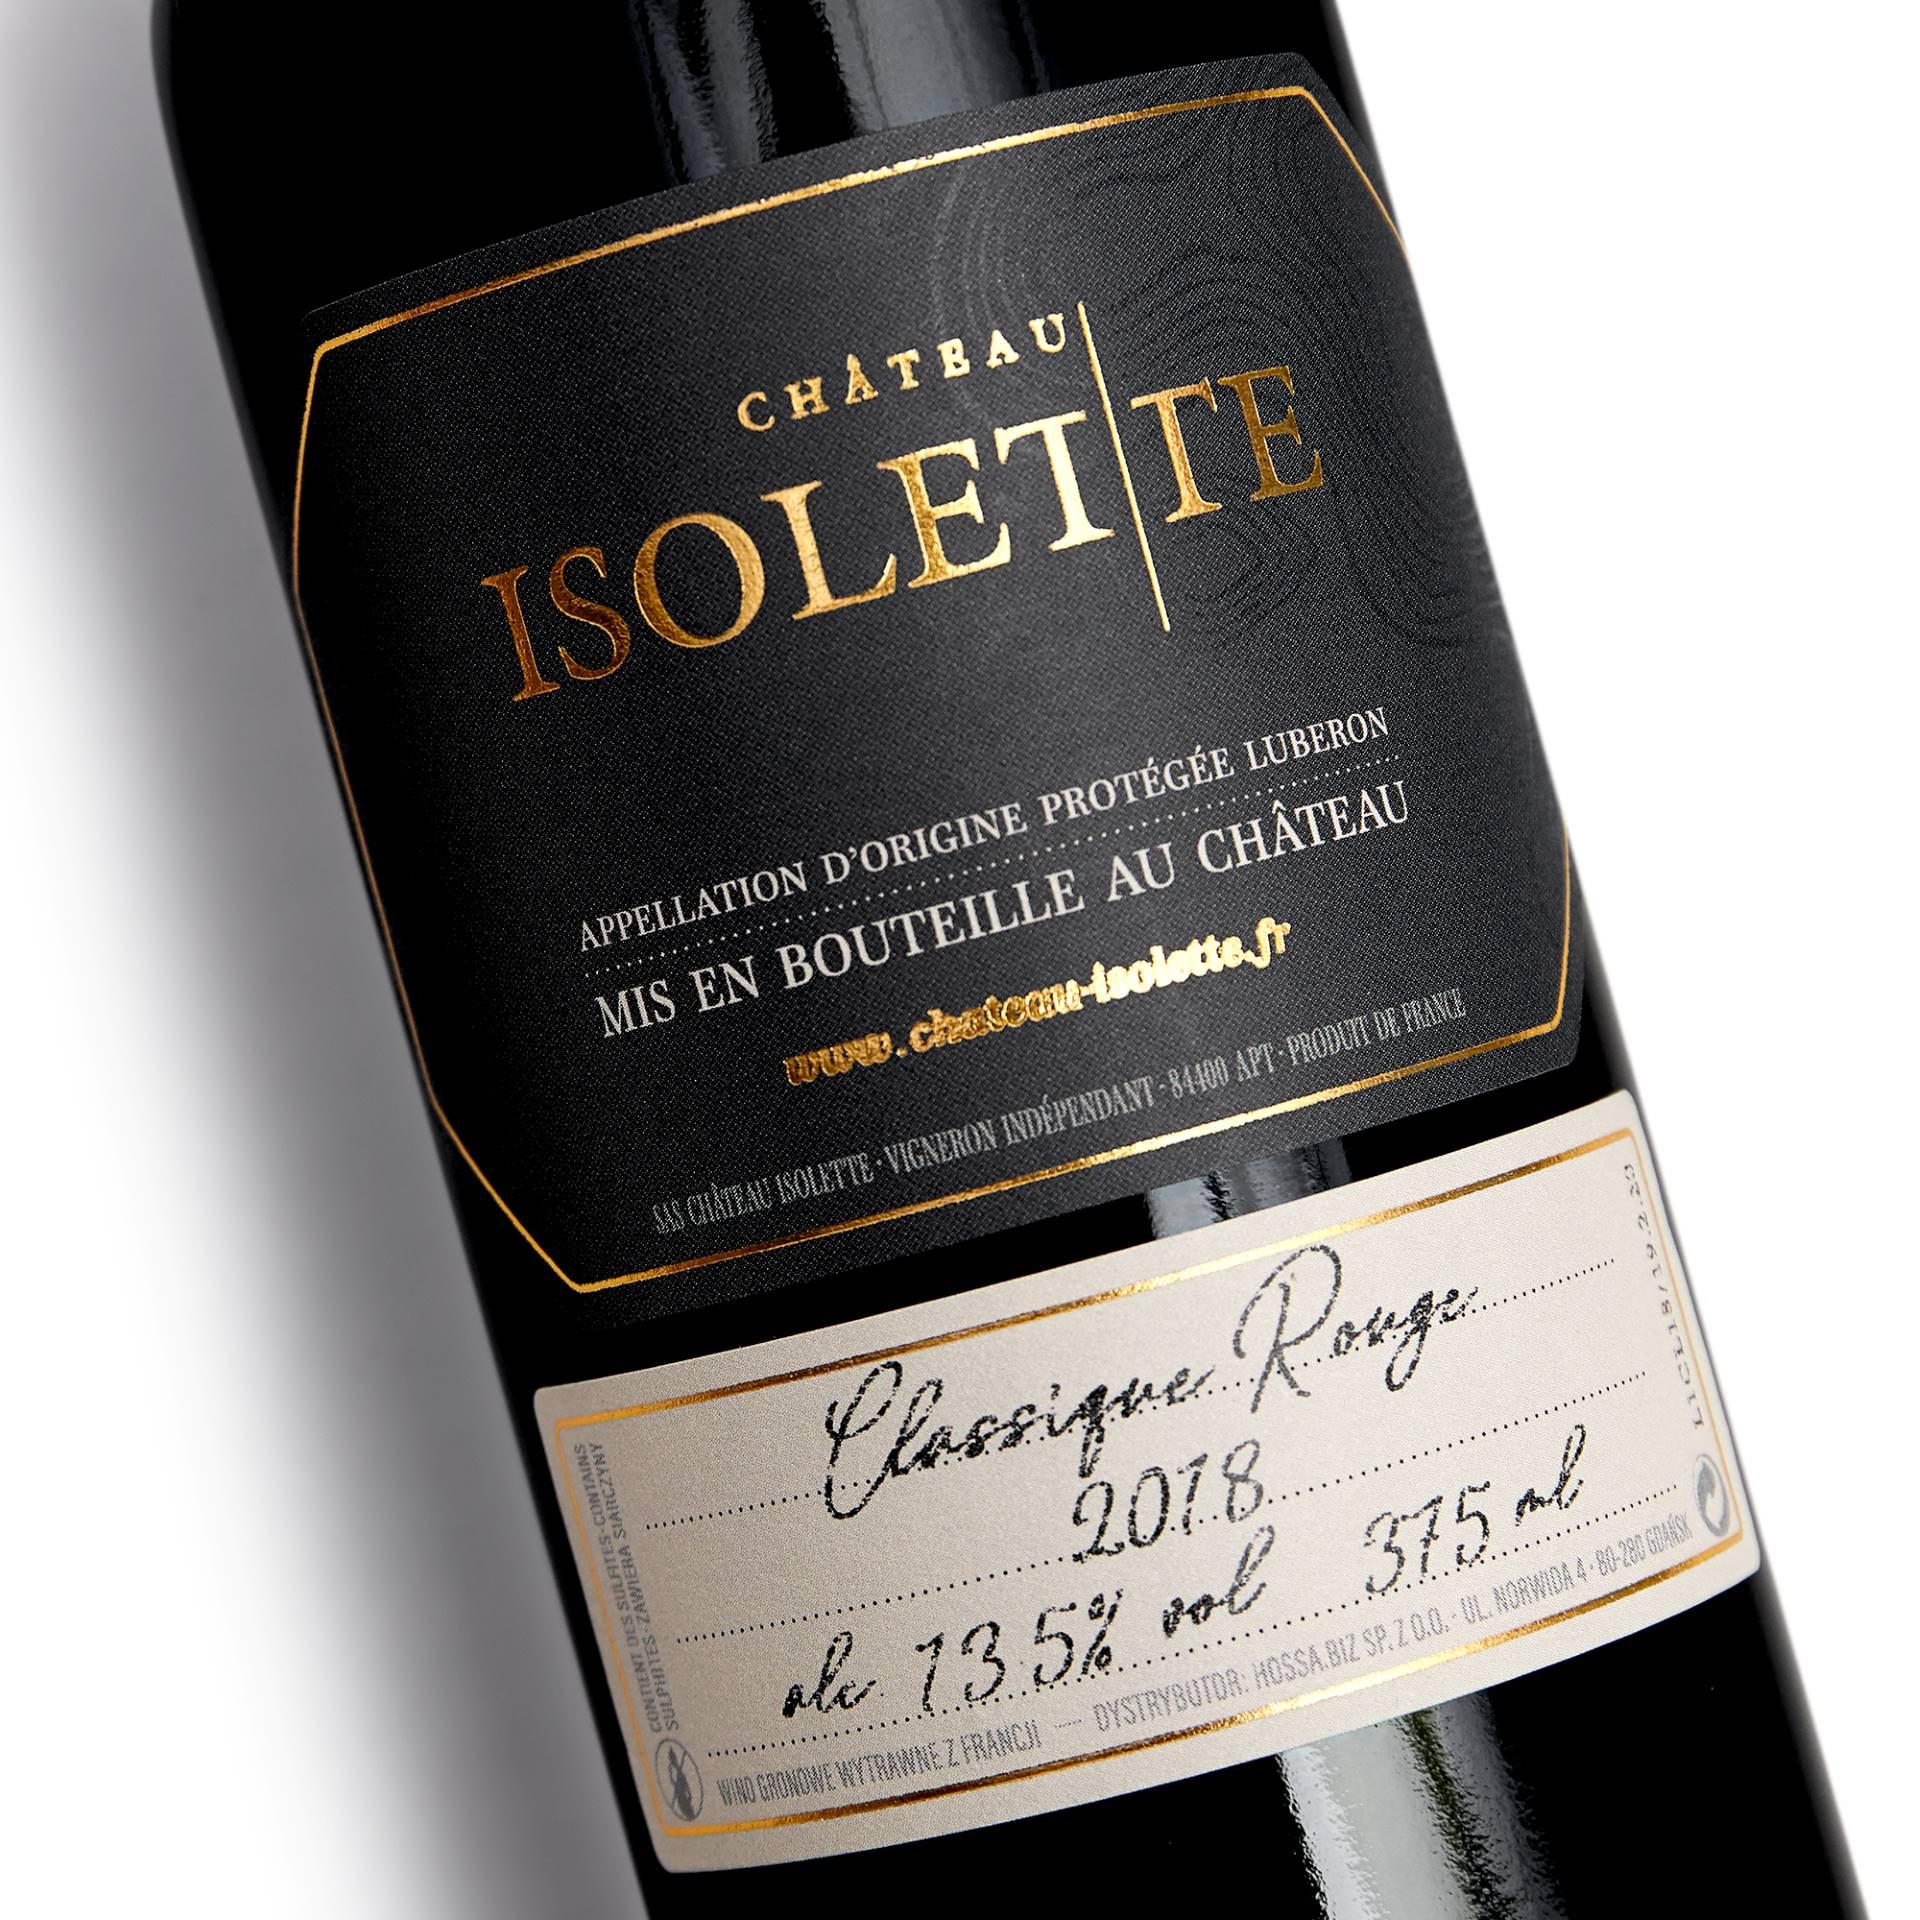 Teraz wszystkie wina Isolette taniej